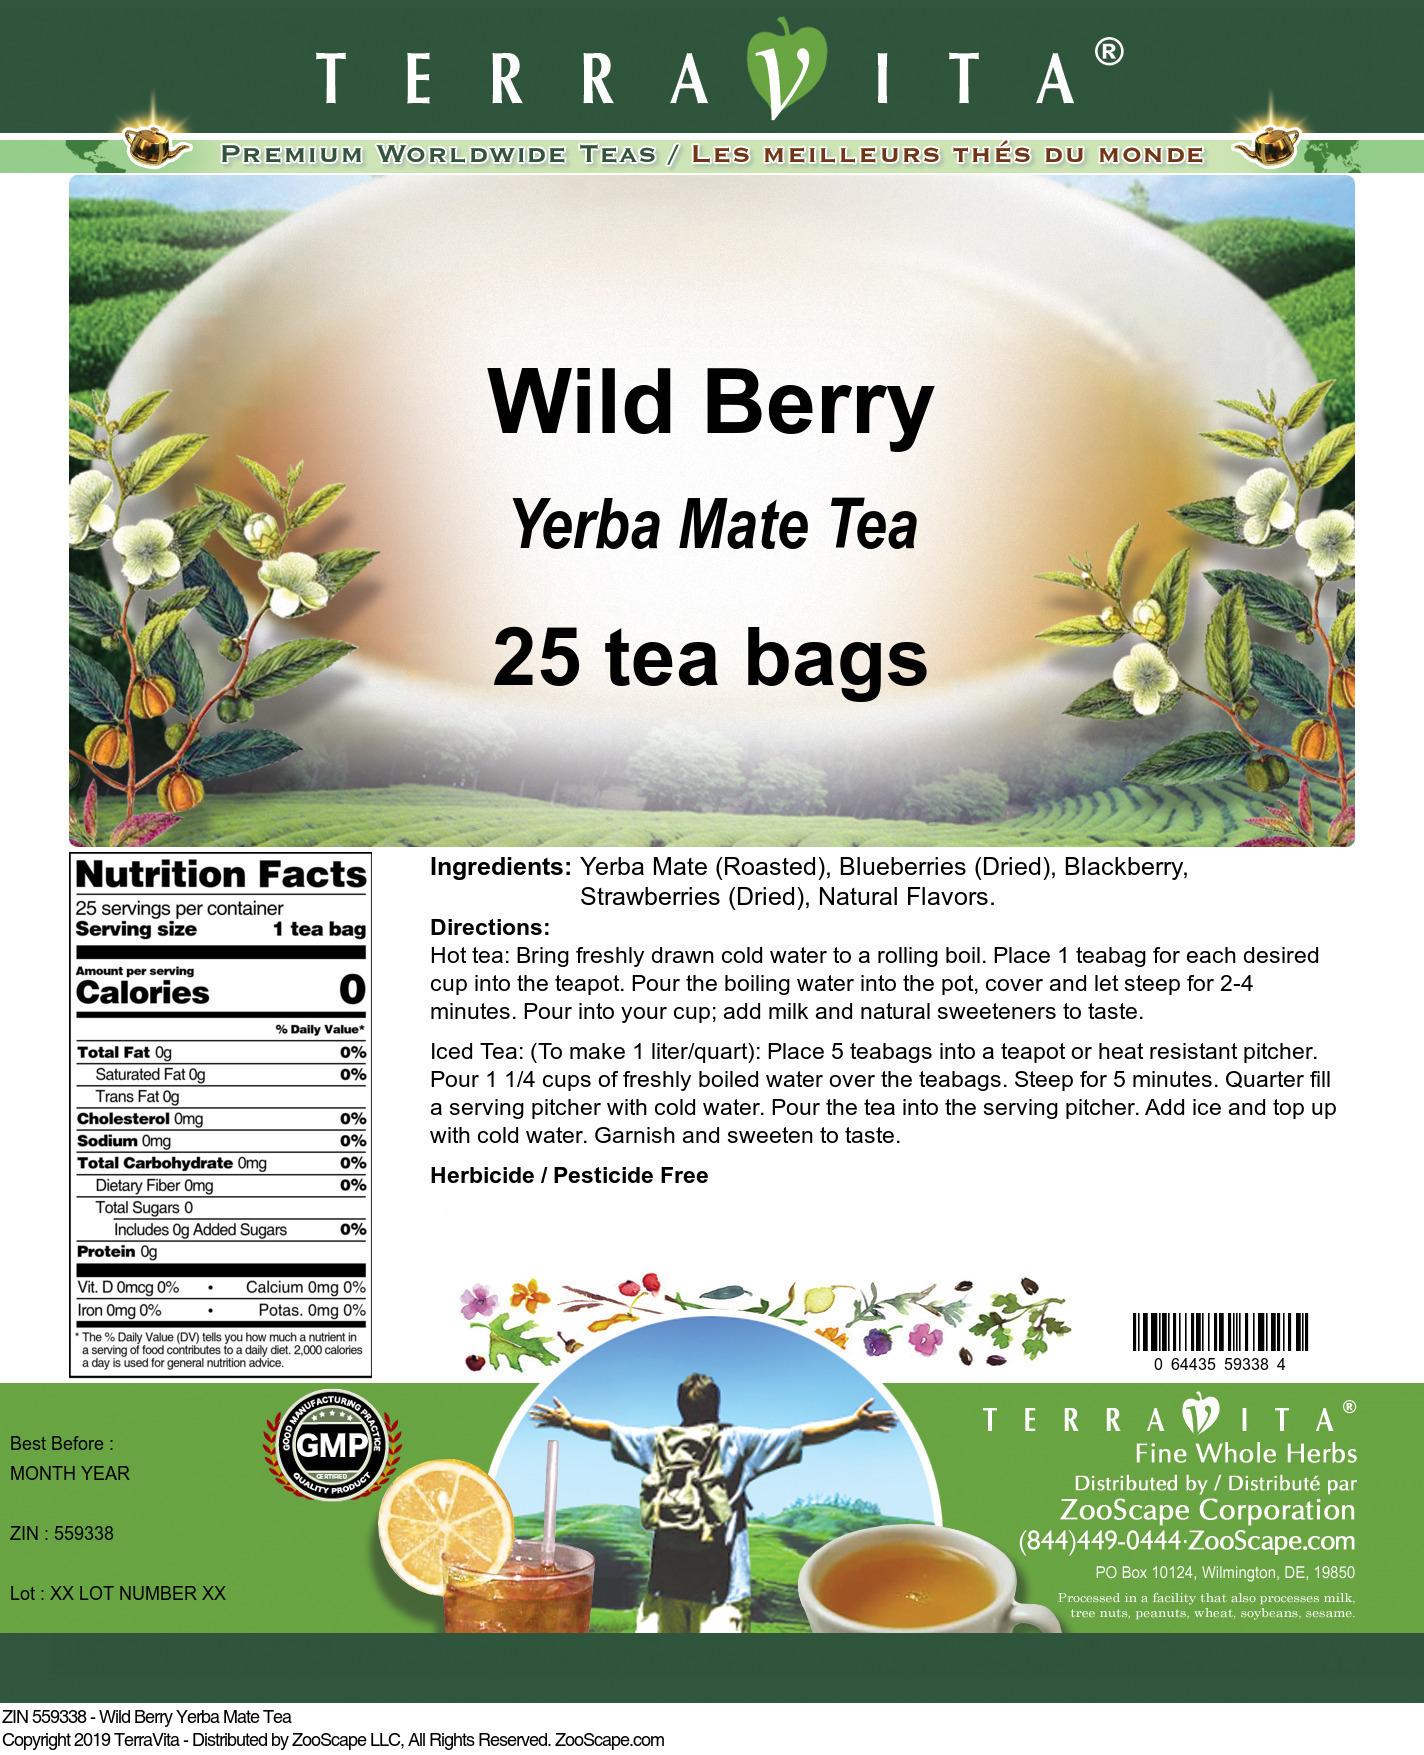 Wild Berry Yerba Mate Tea